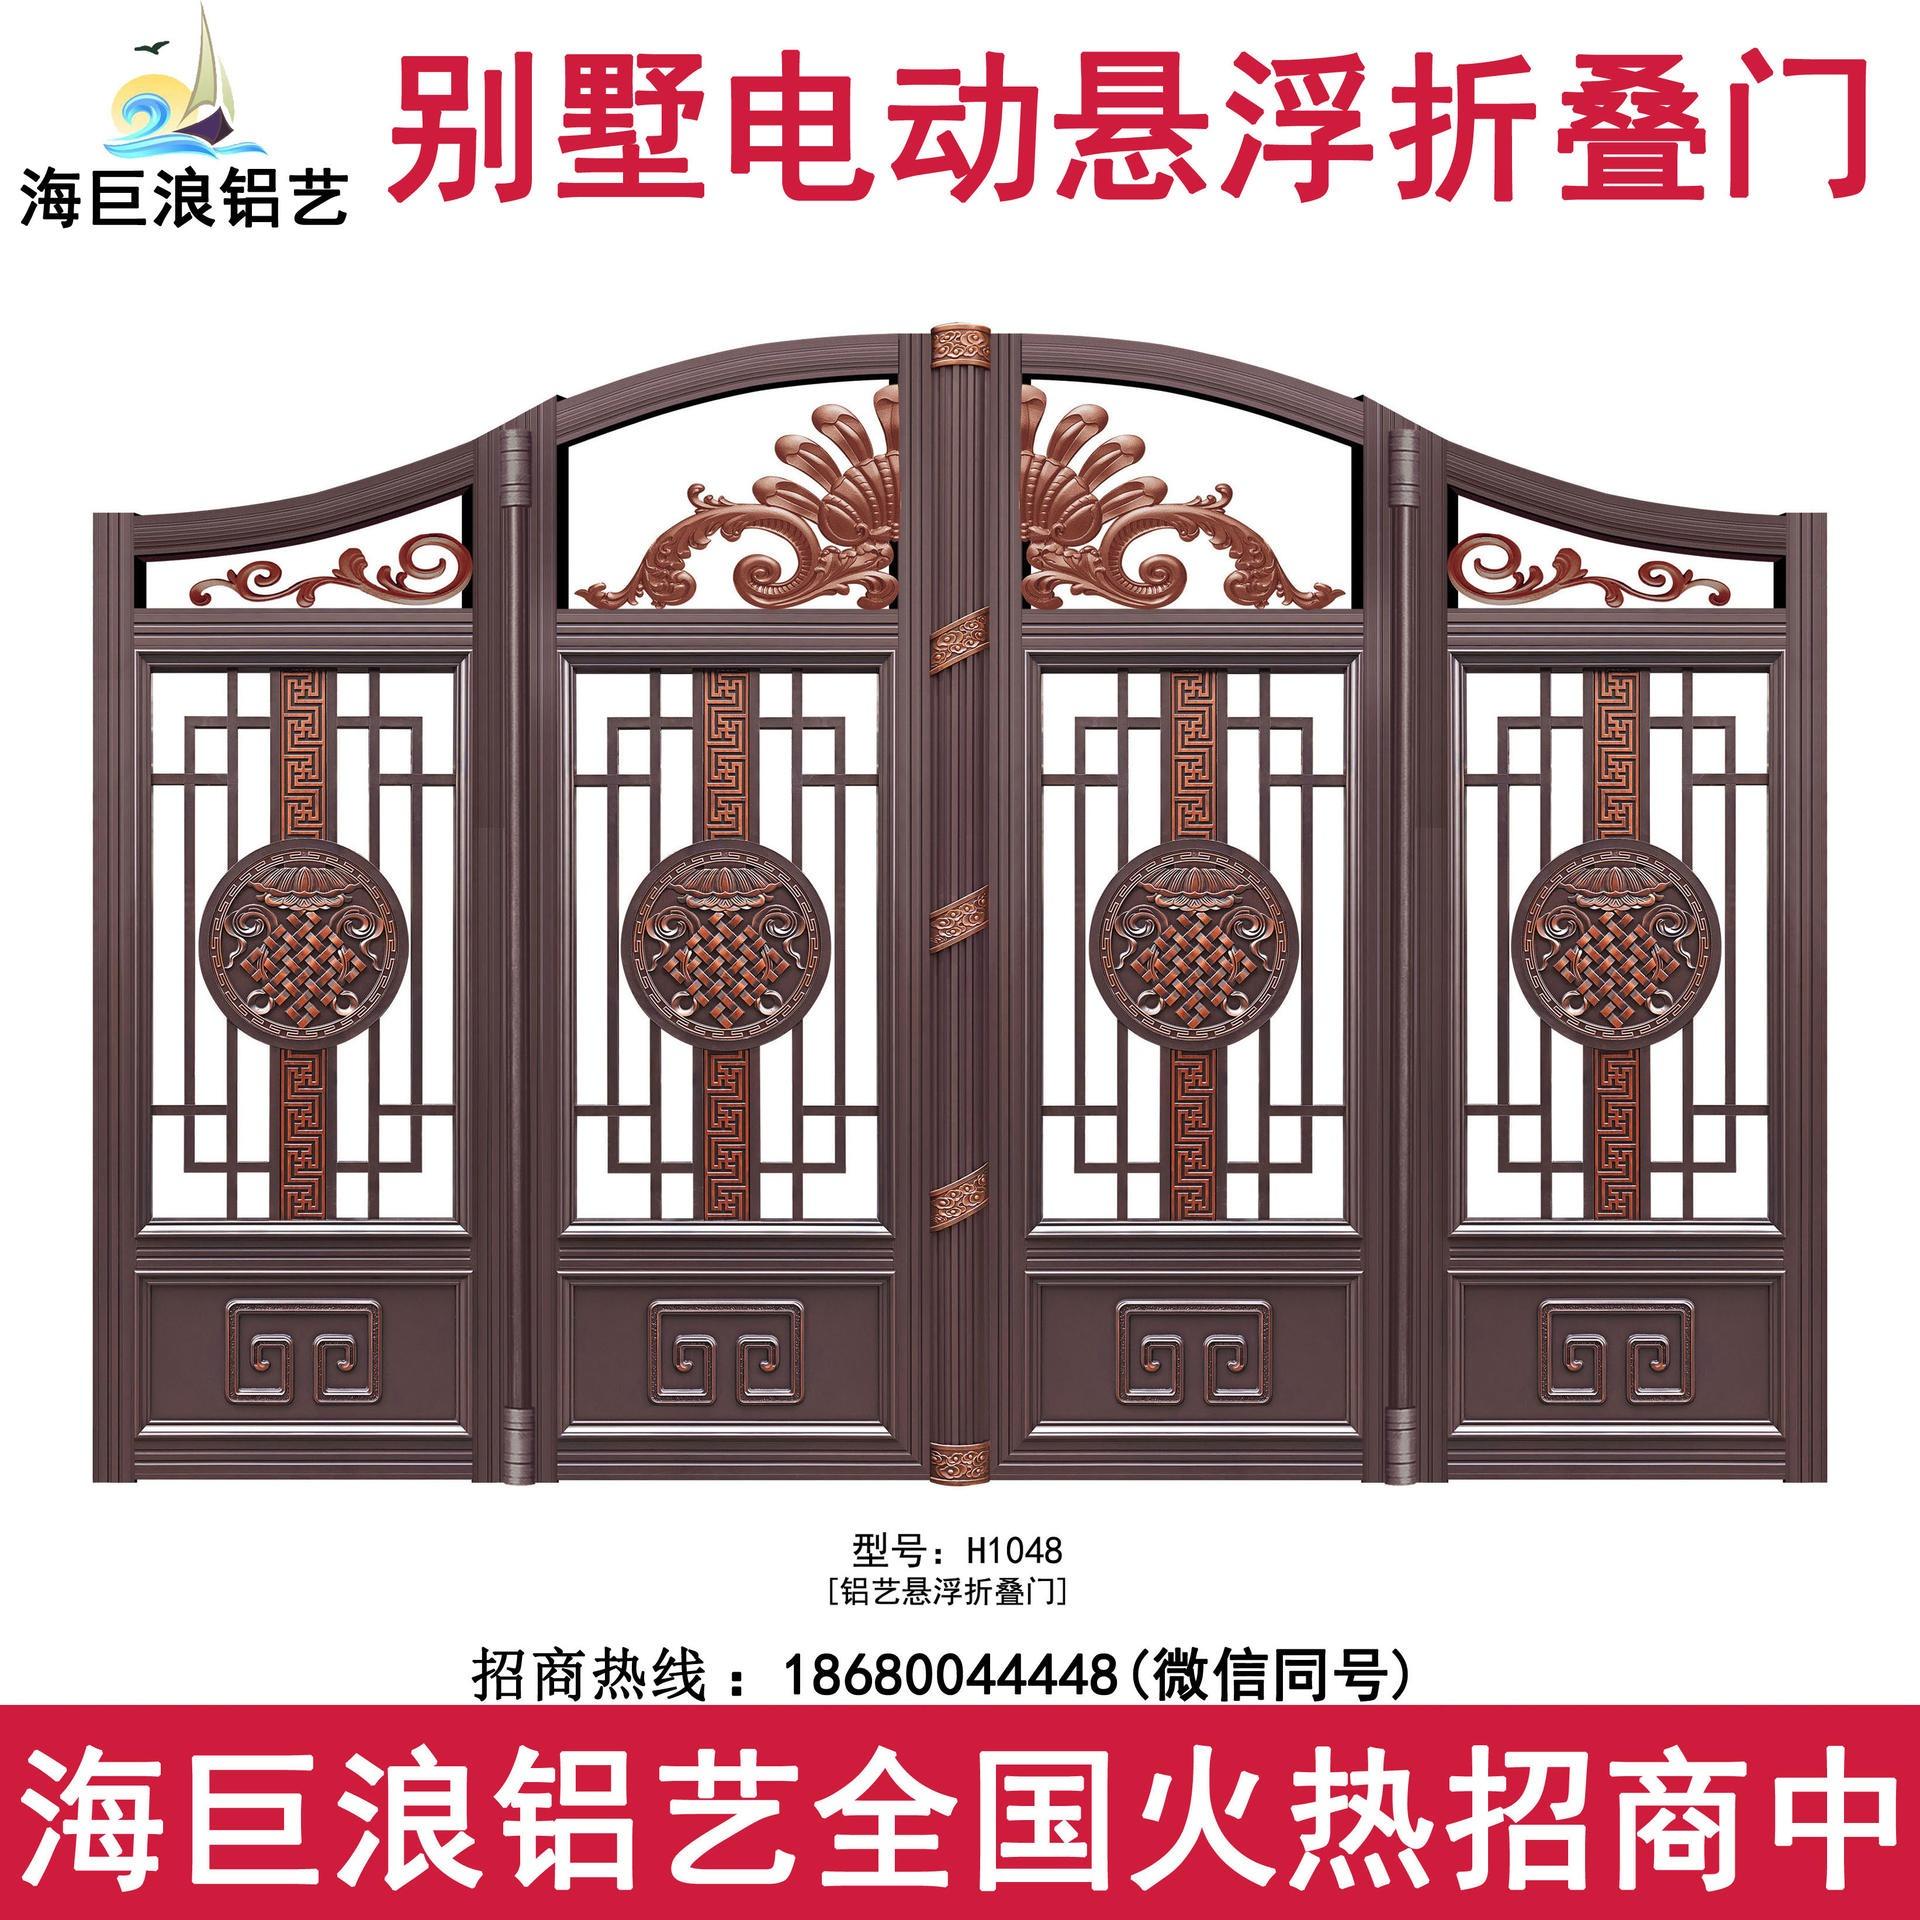 庭院懸浮折疊門 庭院電動懸浮門 無軌懸浮門 無軌別墅平開門